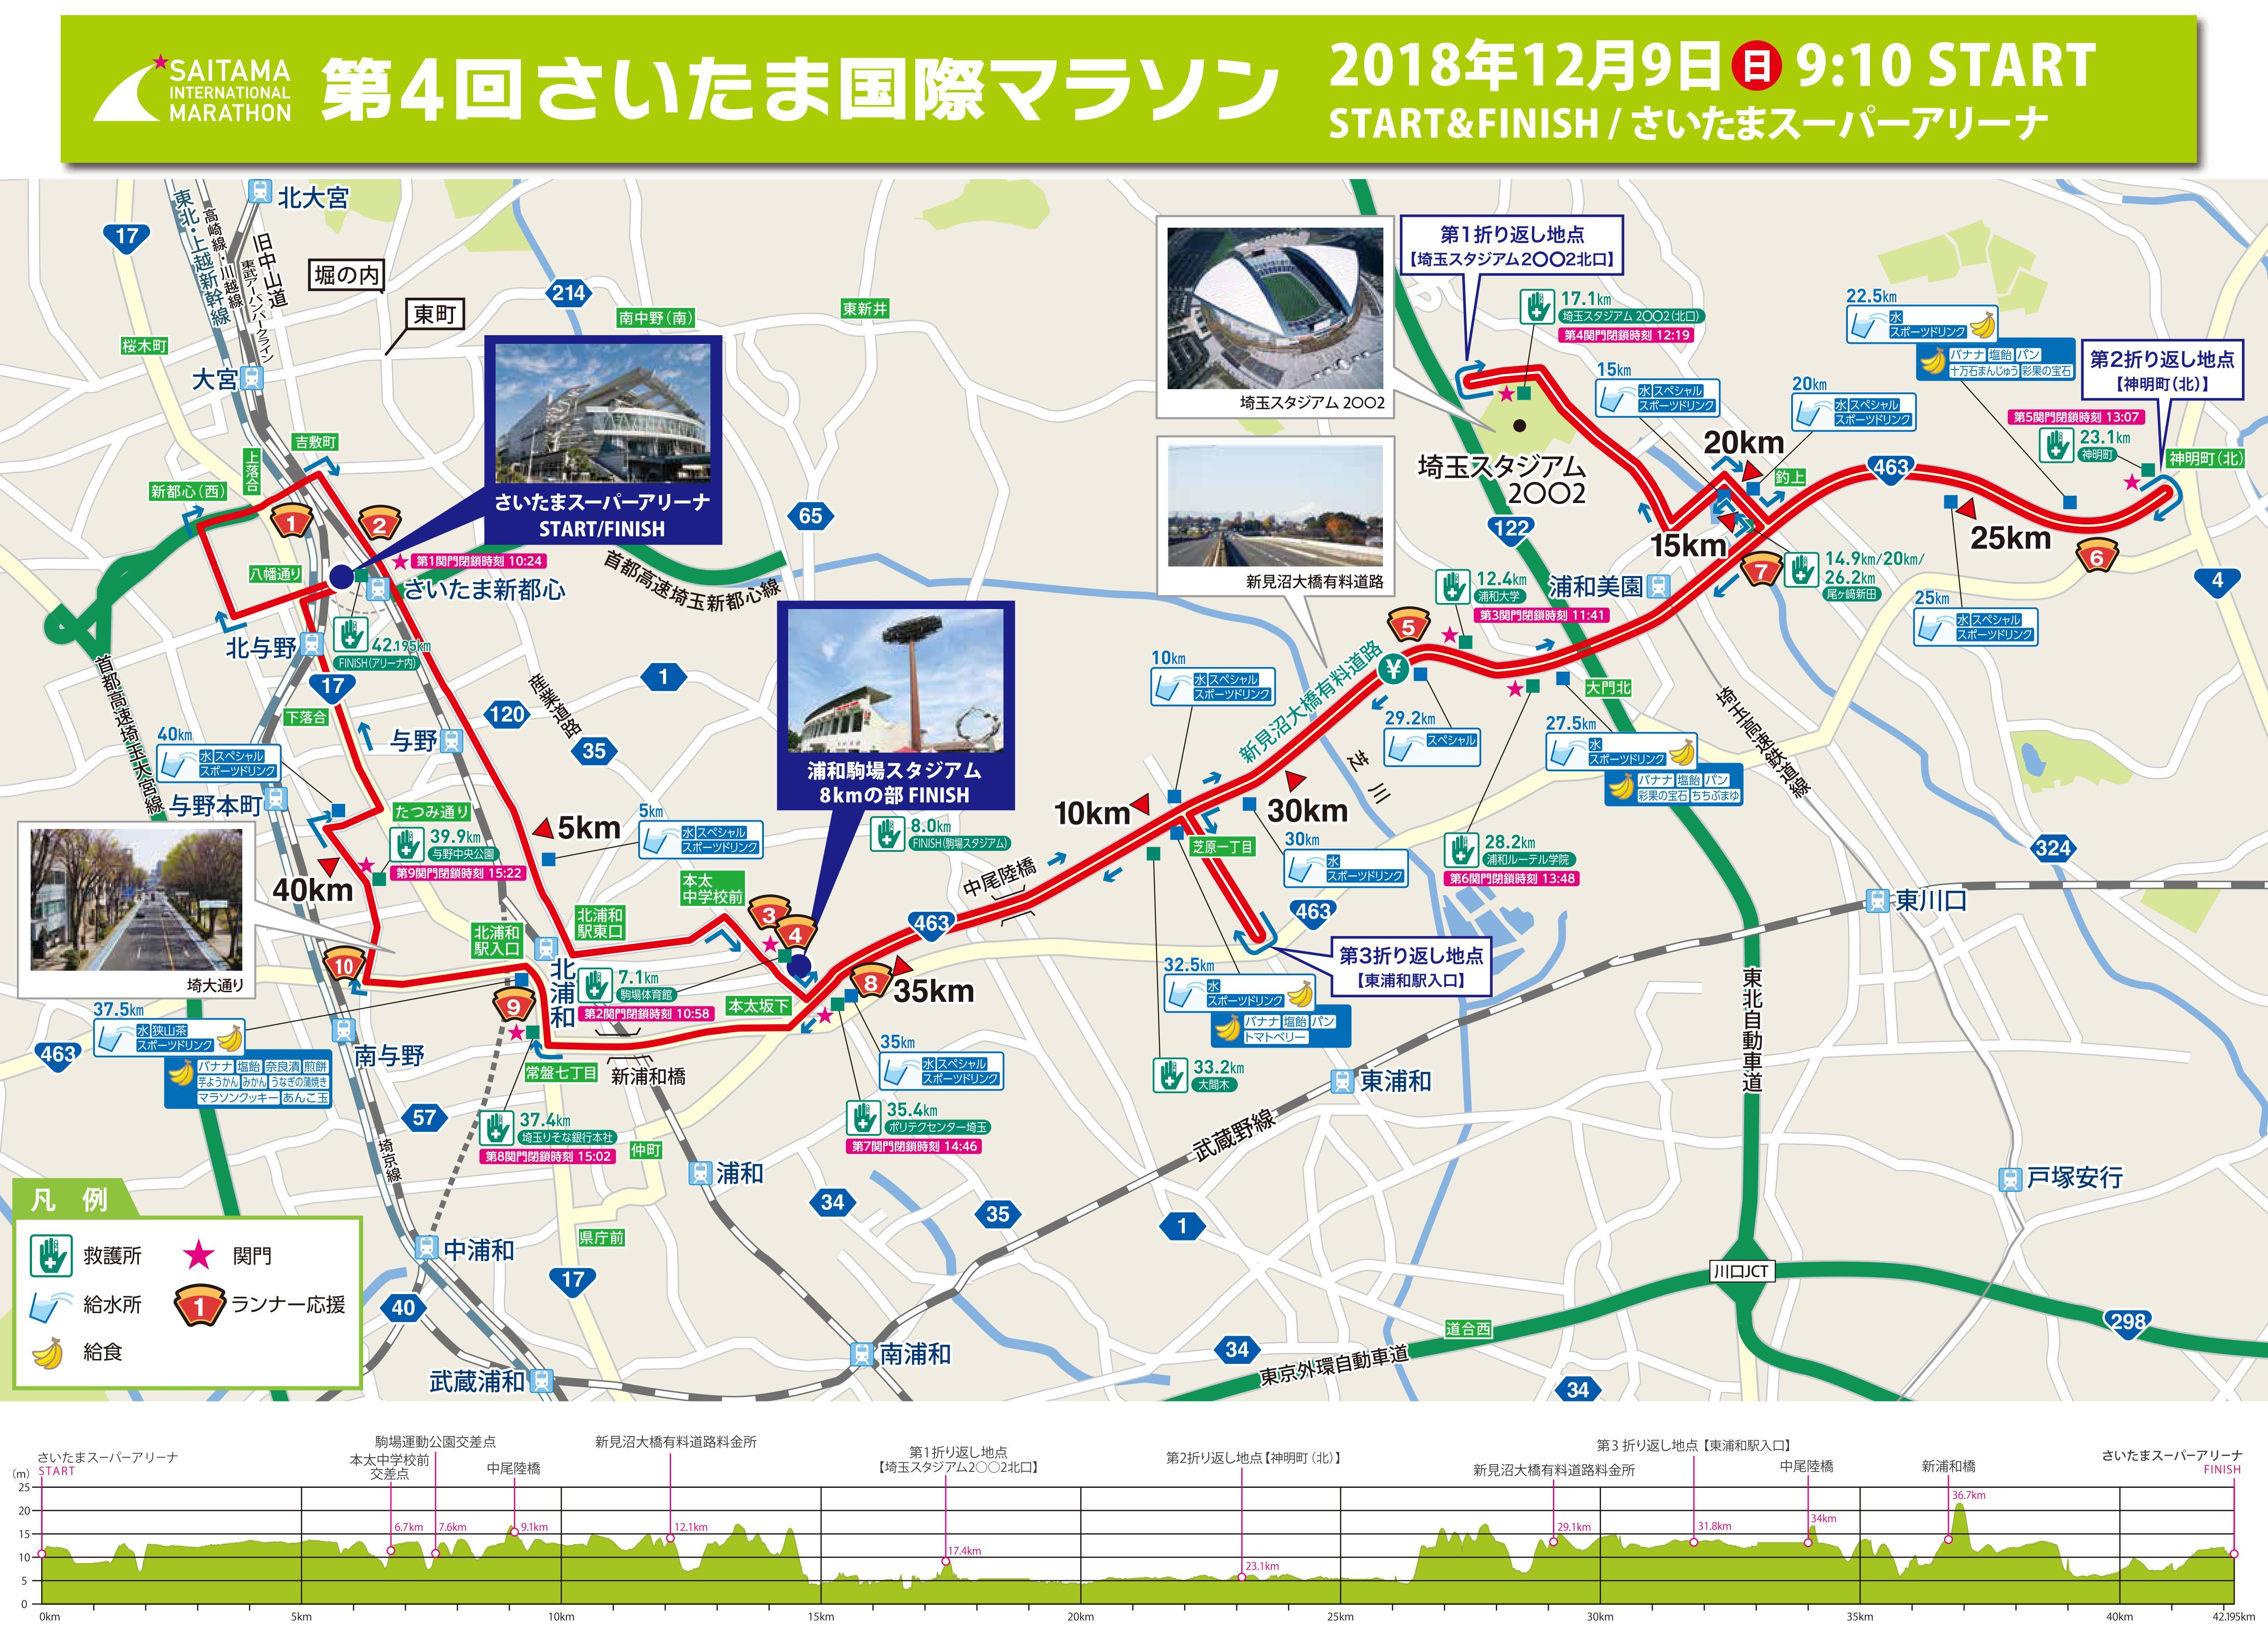 まとめ マラソン 速報 【東京五輪】「五輪より命」 マラソン開催の札幌で中止要請相次ぐ0